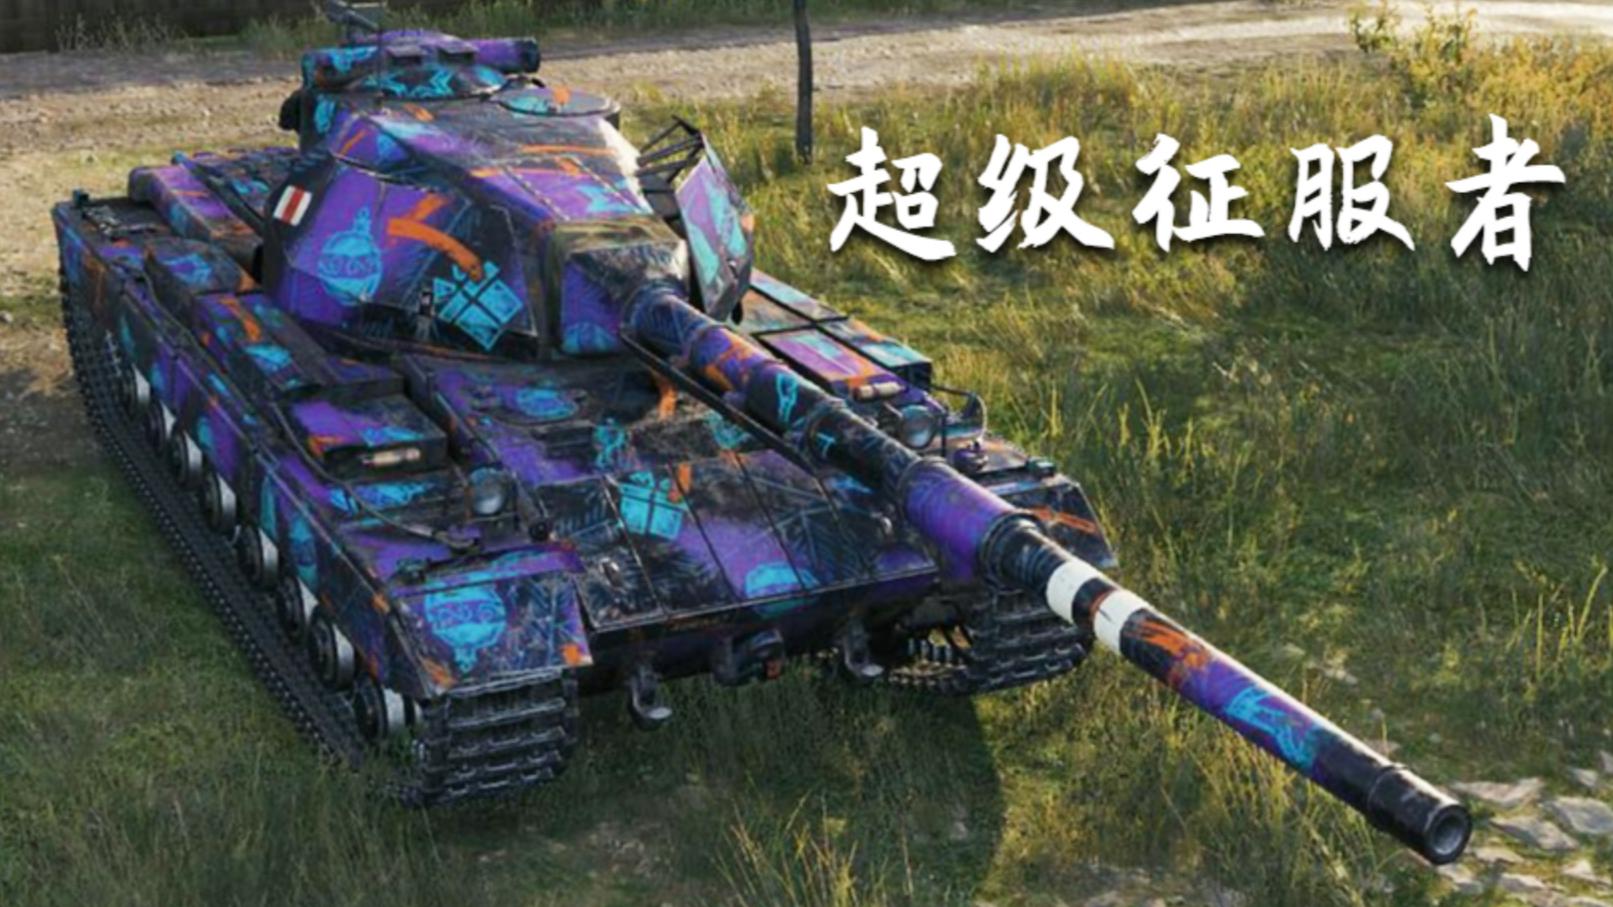 【坦克世界】超级征服者 - 8杀 - 1.2万输出